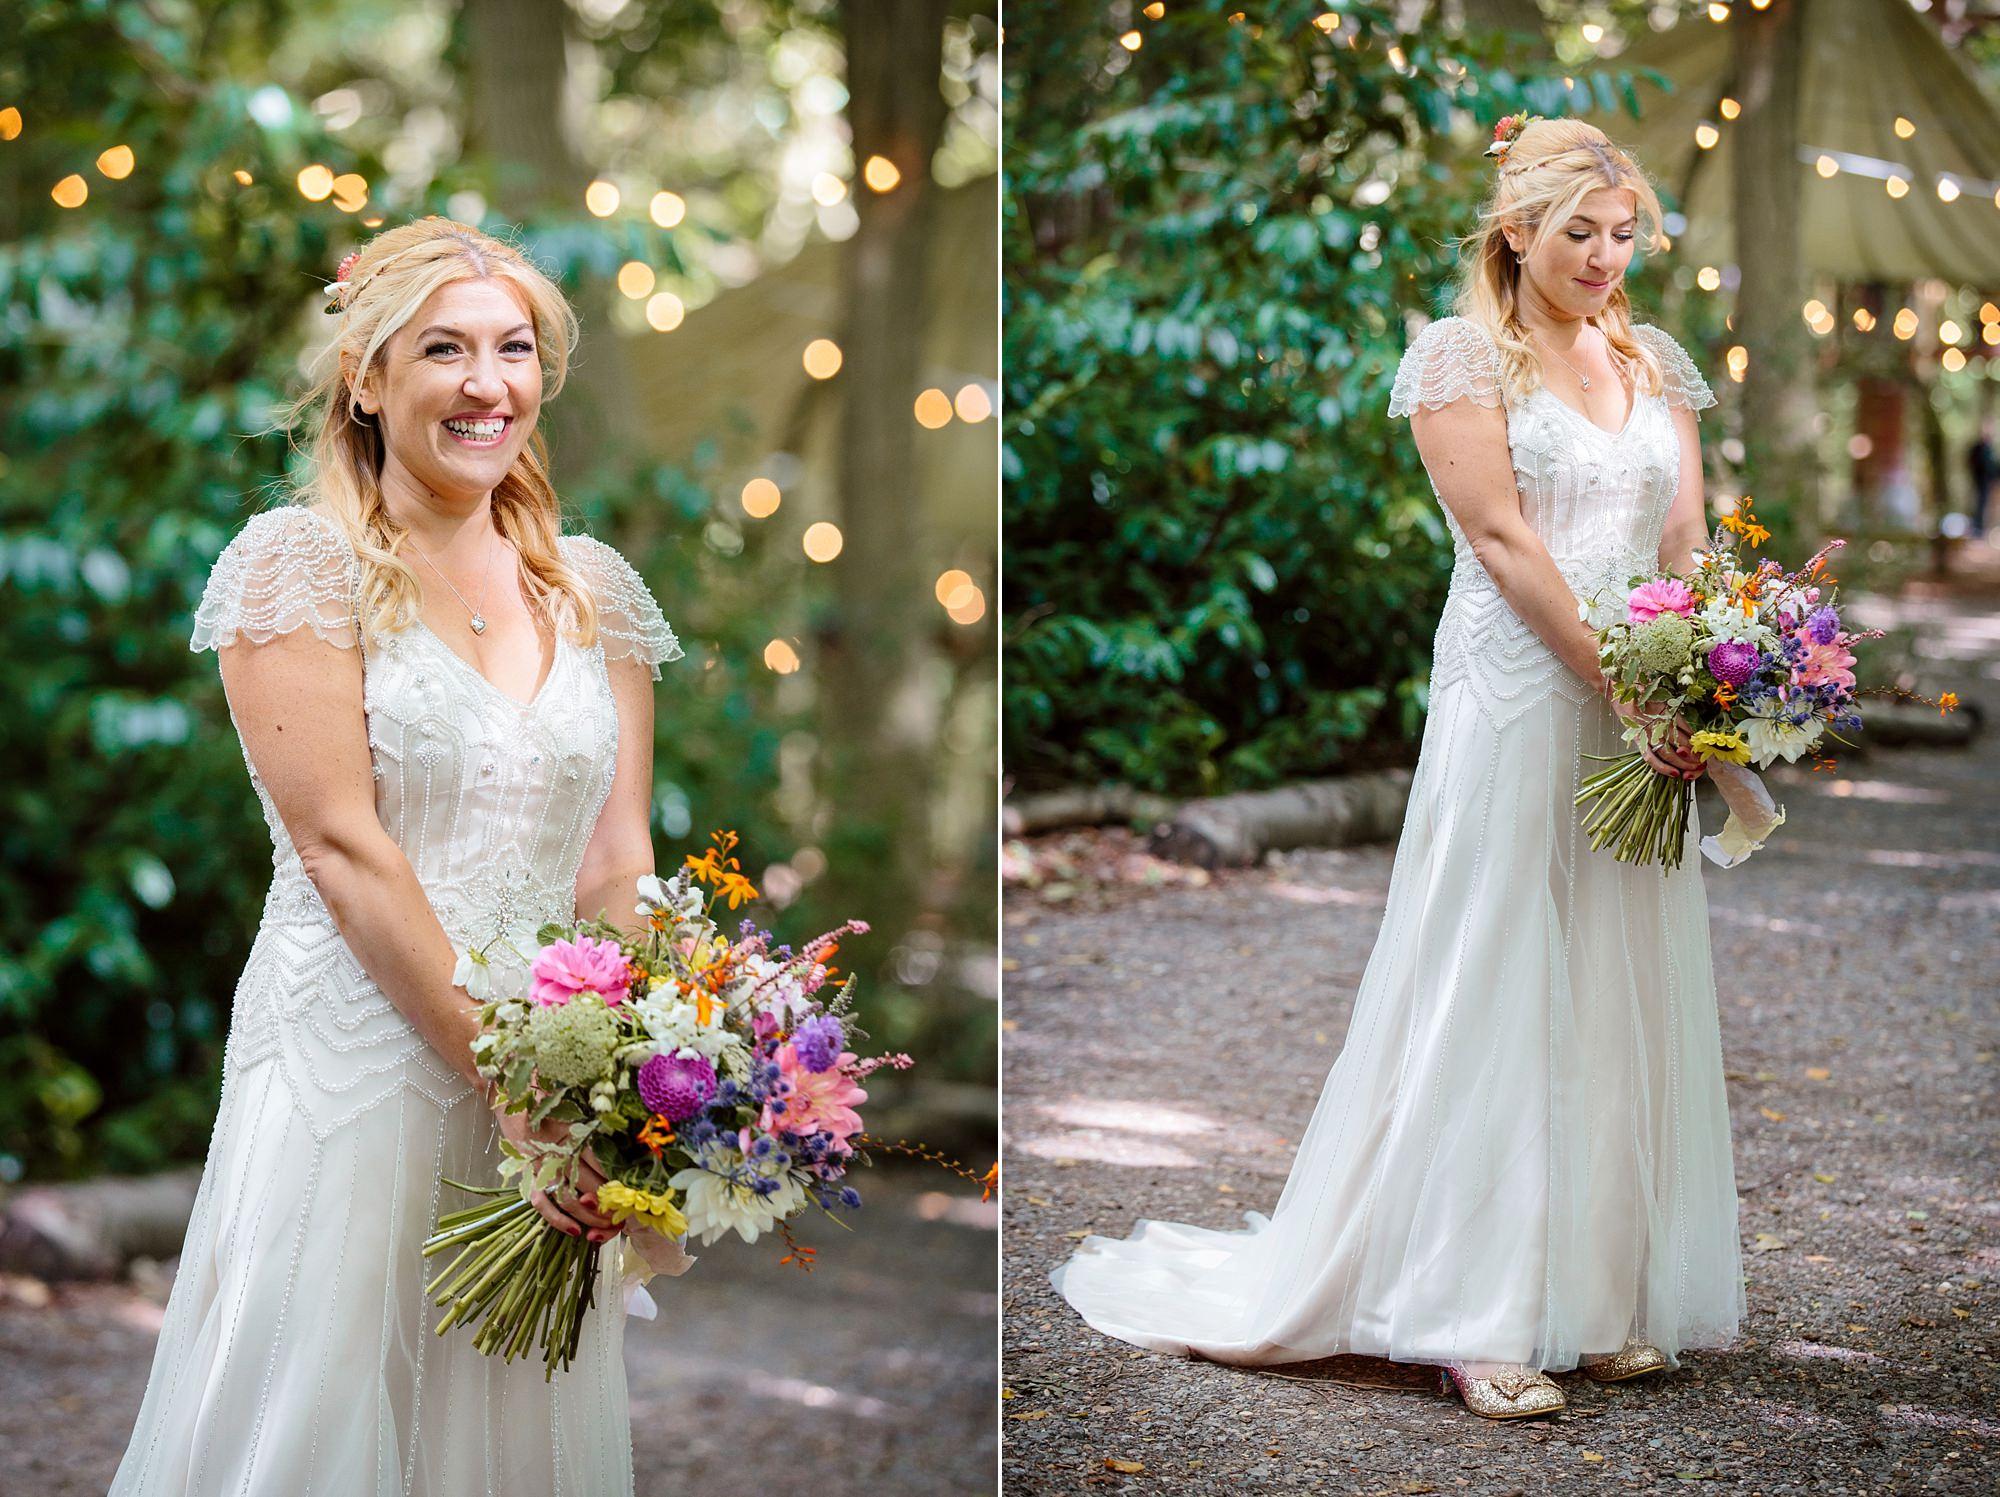 Woodland Weddings Tring portrait of bride